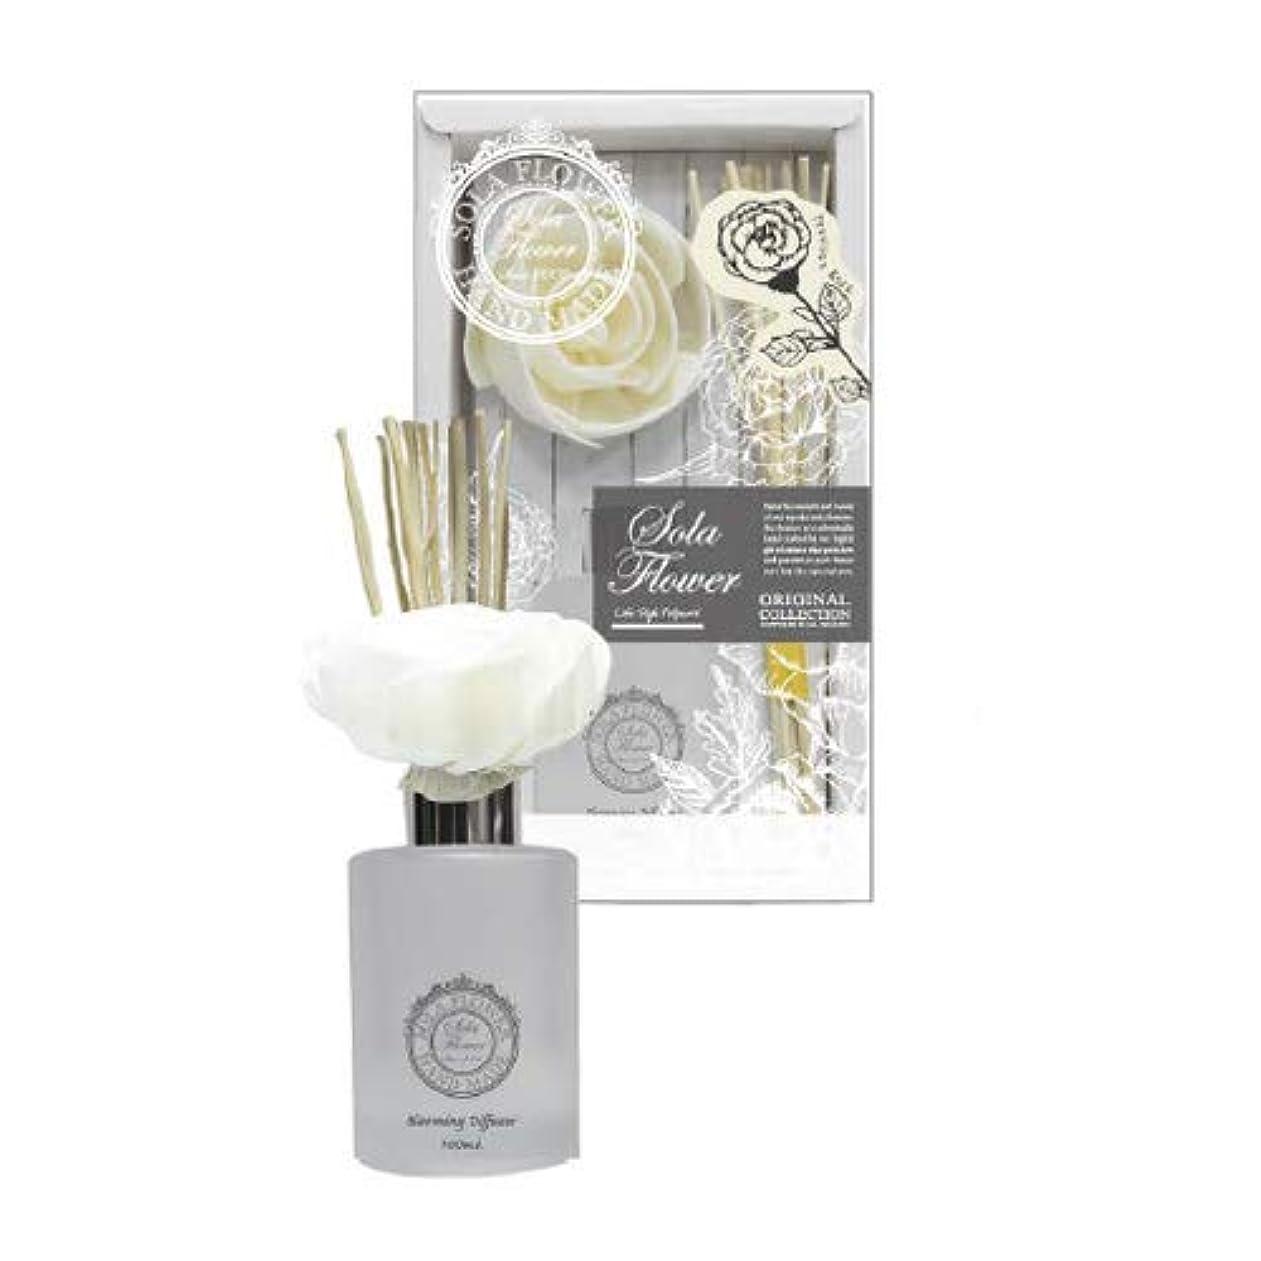 読み書きのできないテスピアン意志に反する三和トレーディング new Sola Flower Blooming Diffuser ソラディフューザー Precious Rose プレシャスローズ